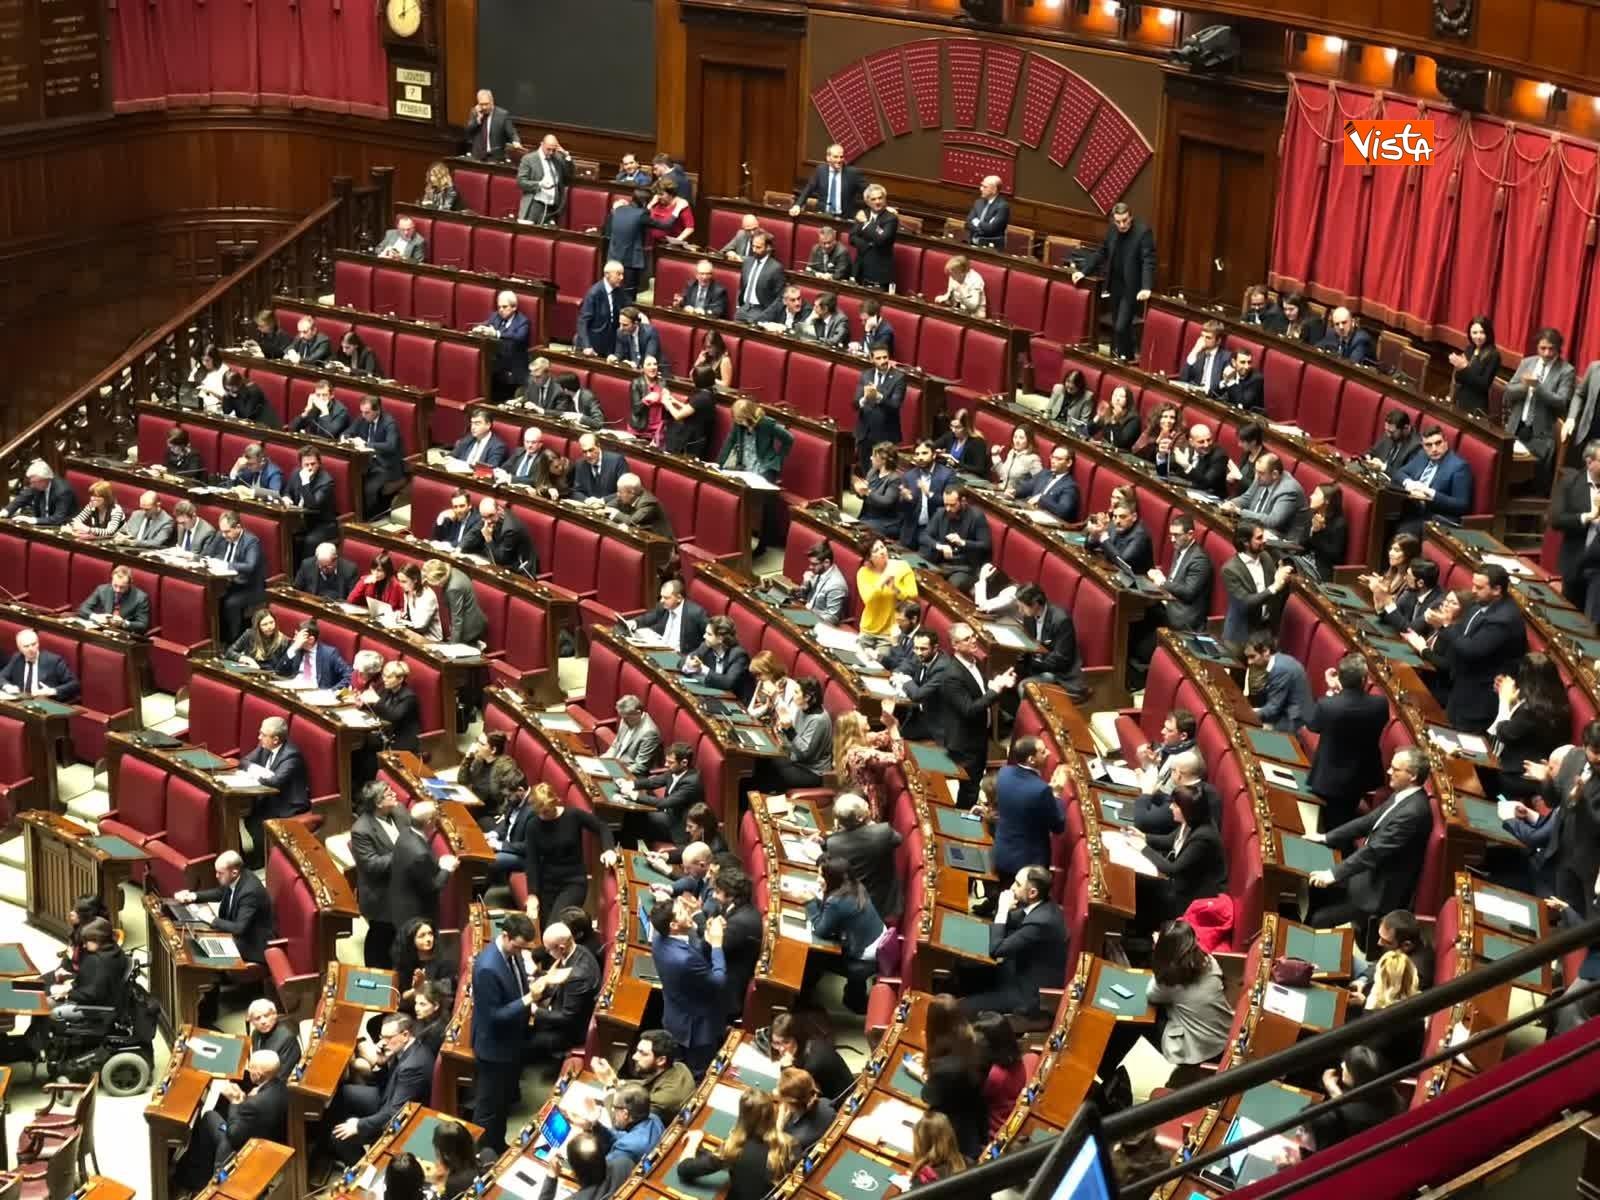 07-02-19 Tria parla in aula, interrotto risponde a un deputato stai zitto e scoppia la bagarre_04